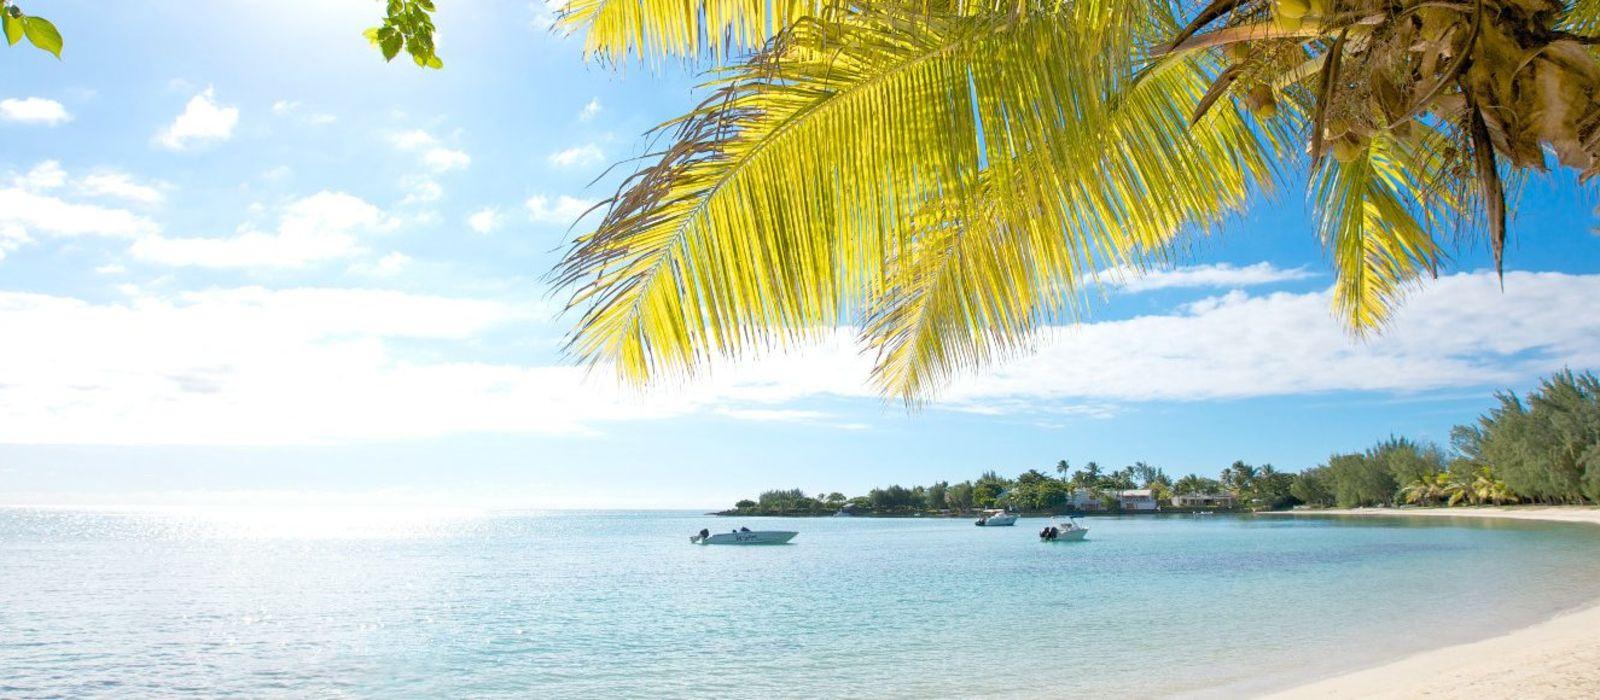 Südafrika & Mauritius: Wilde Tiere, weites Land & tropische Träume Urlaub 5